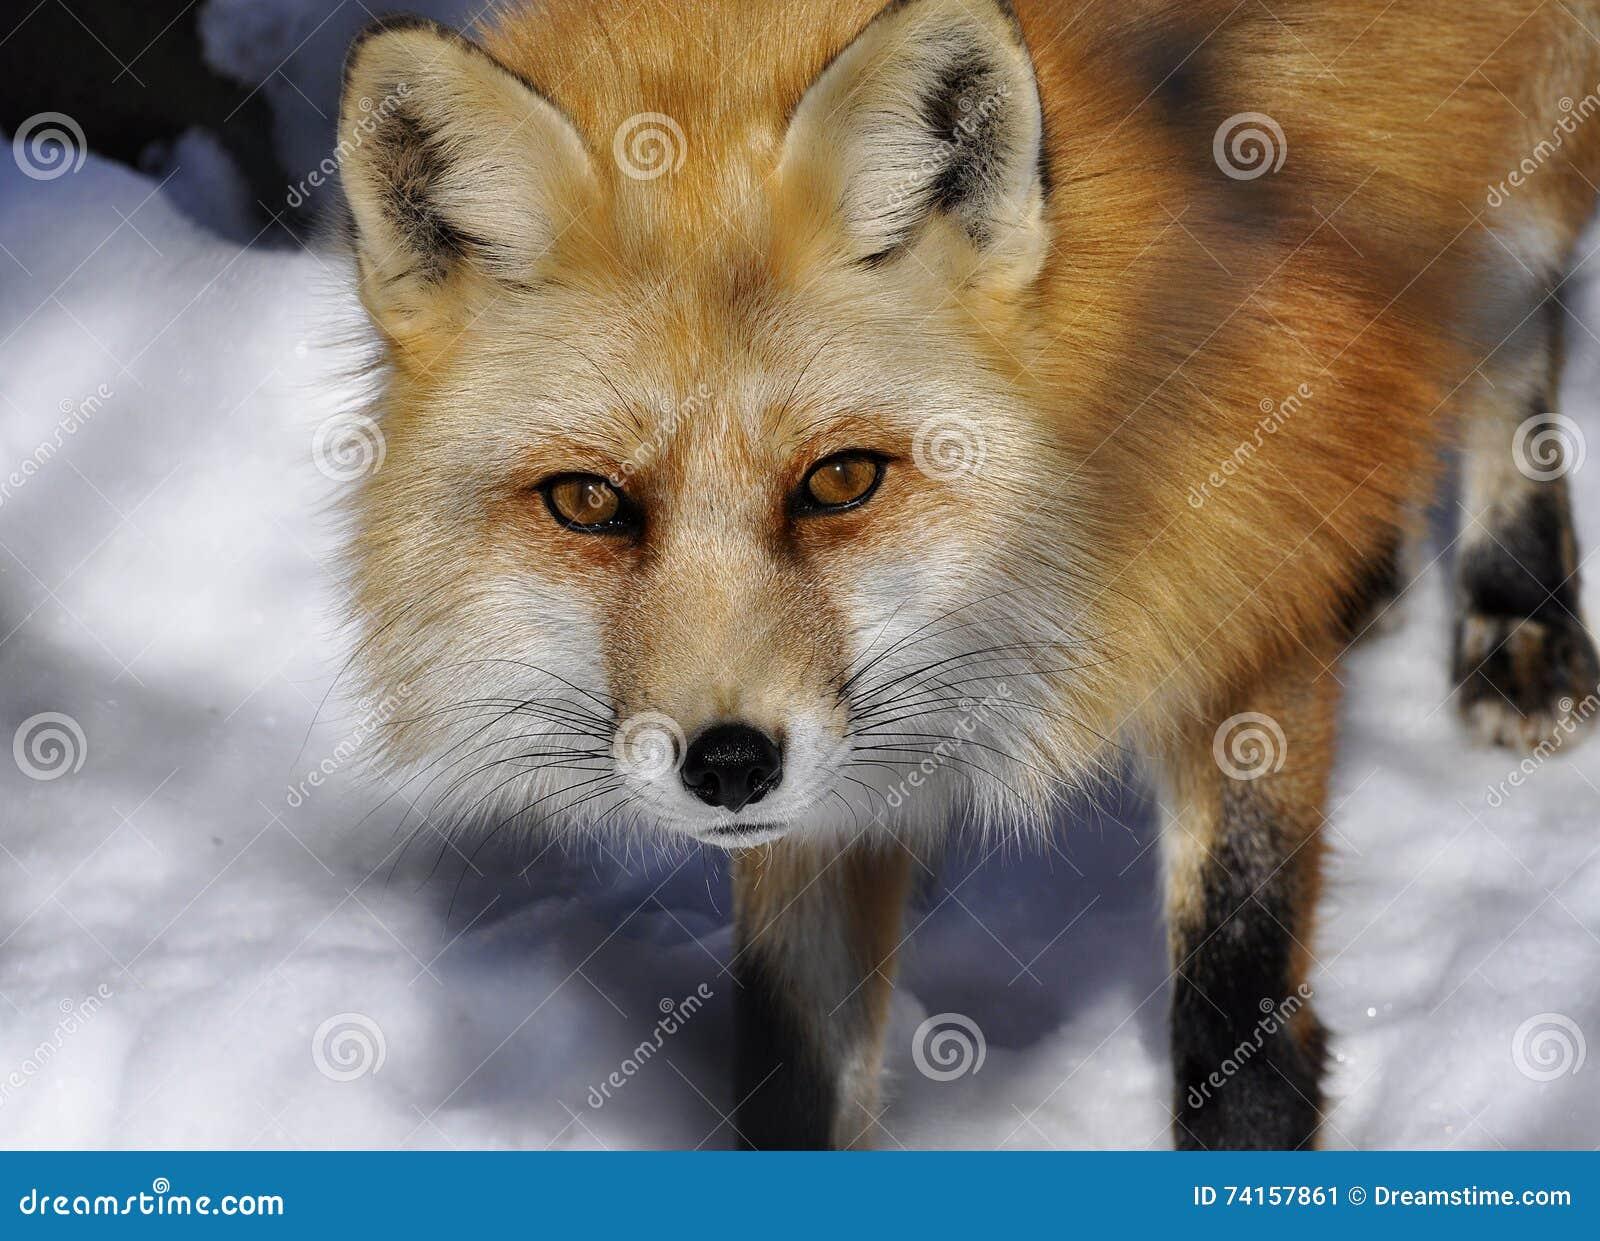 Ein Fuchs Im Winter Stockbild Bild Von Fuchs Orange 74157861